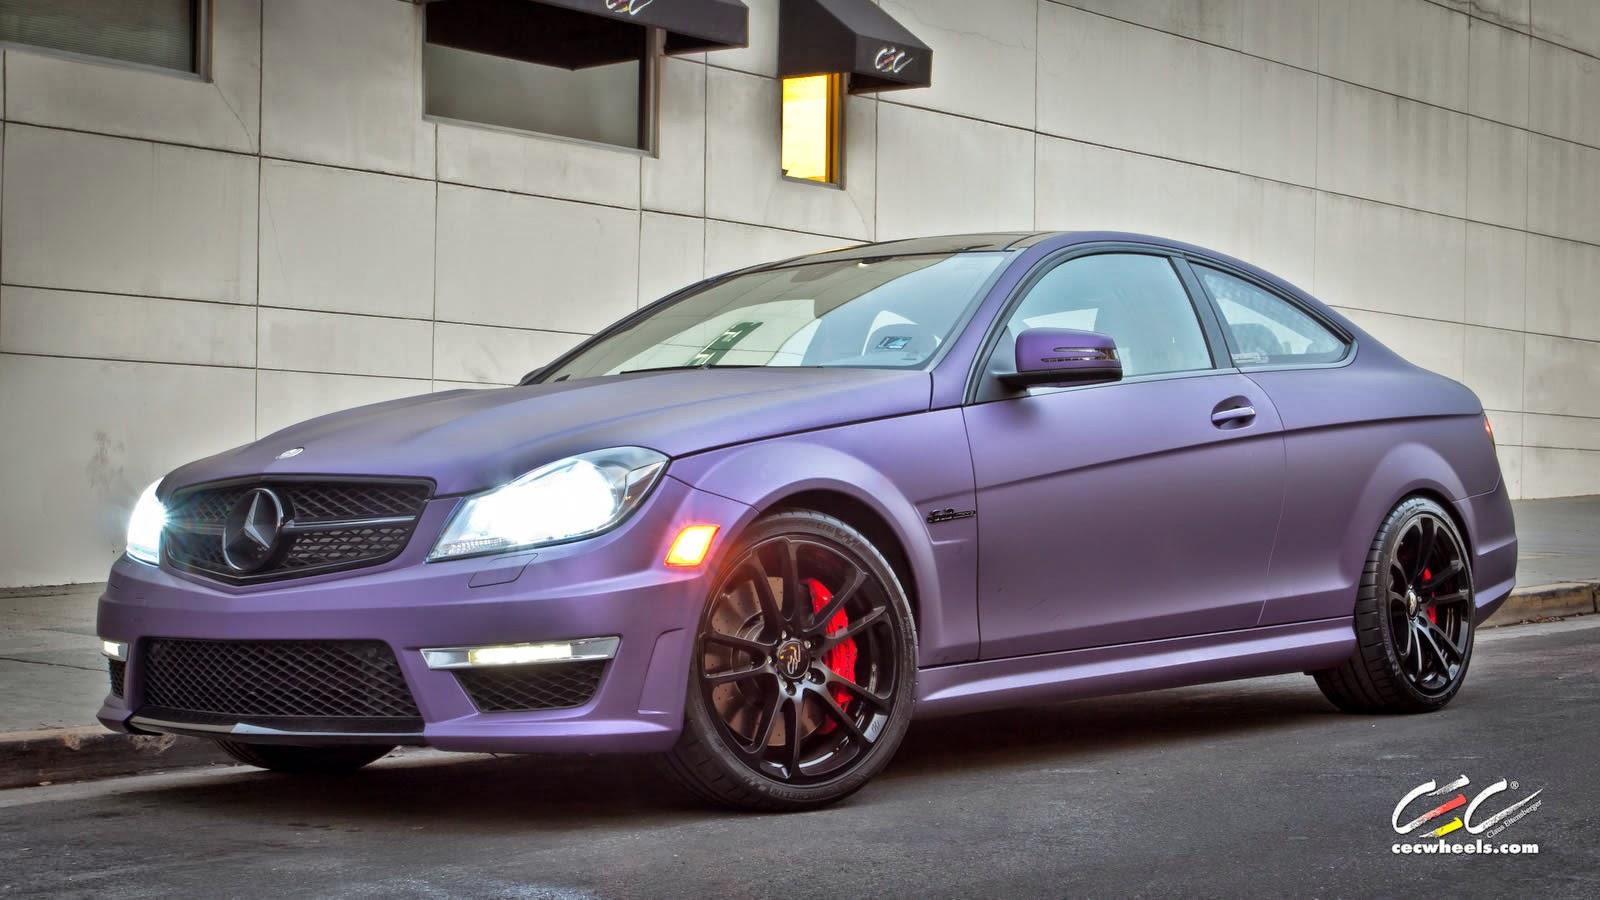 Mercedes Benz W204 C63 Amg Coupe Purple Matte On Cec